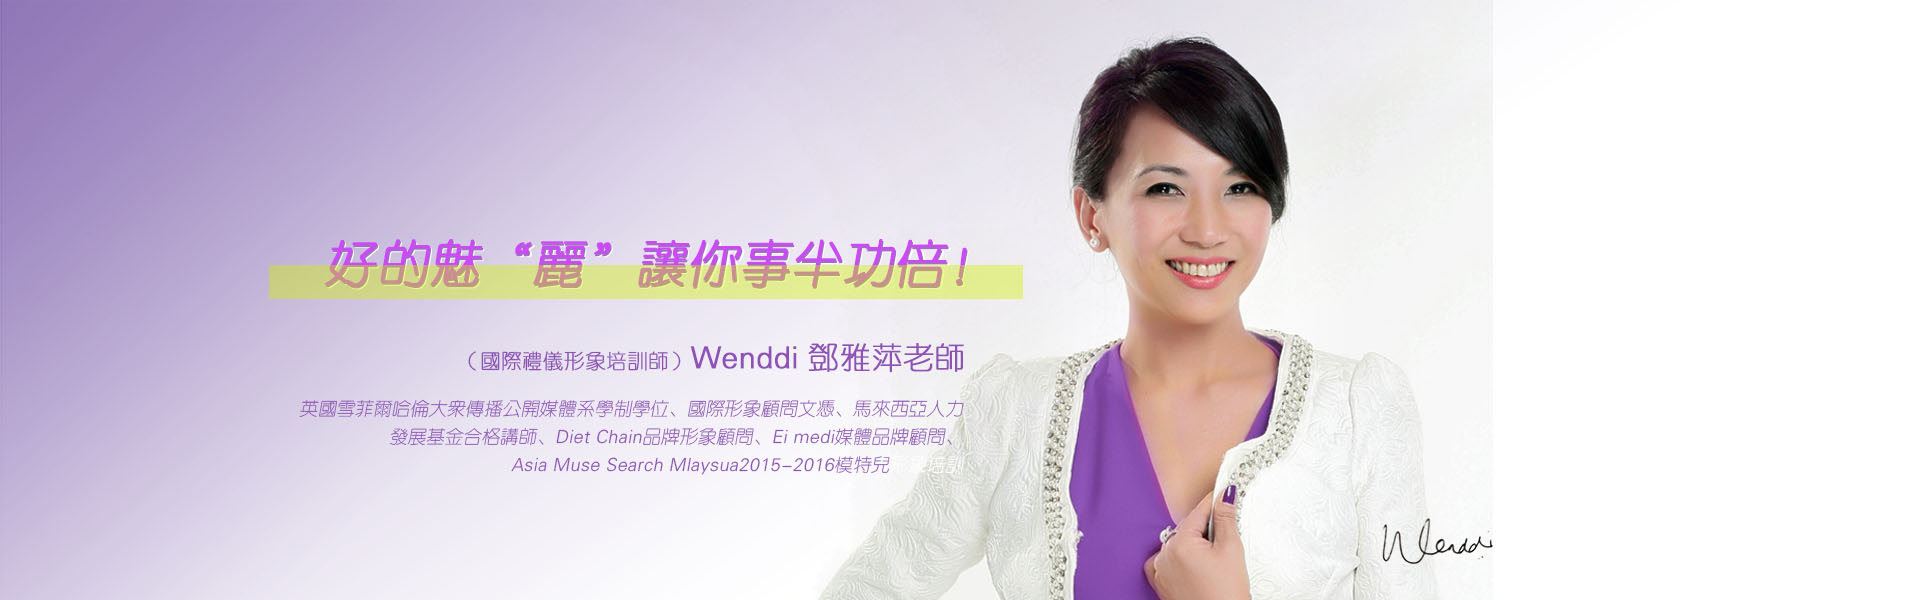 Wenddi 品牌形象管理顧問1